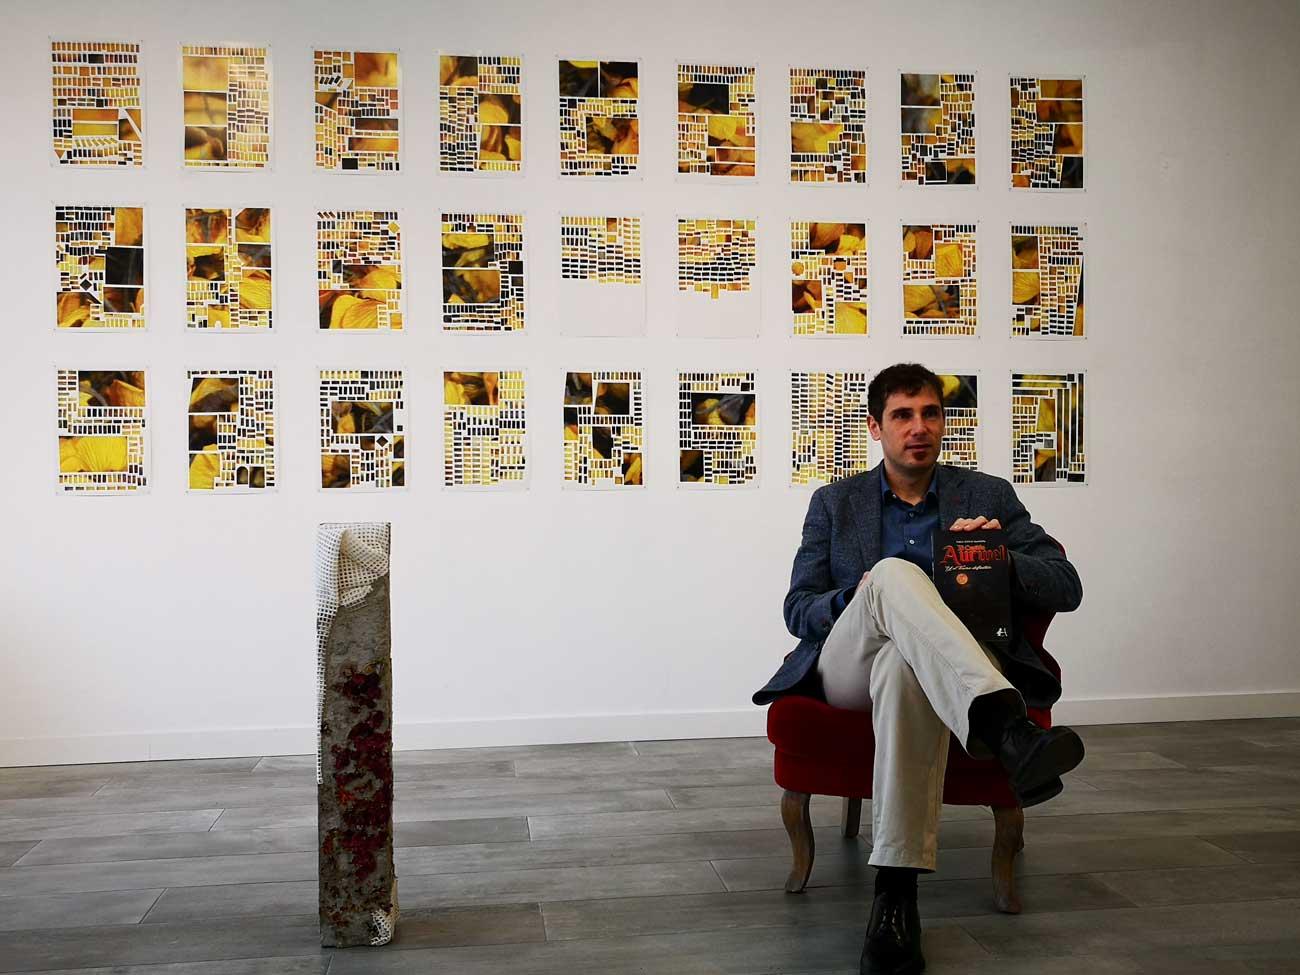 El escritor Pablo Espejo Saavedra presenta su novela El capitán Aurwel y el tesoro definitivo